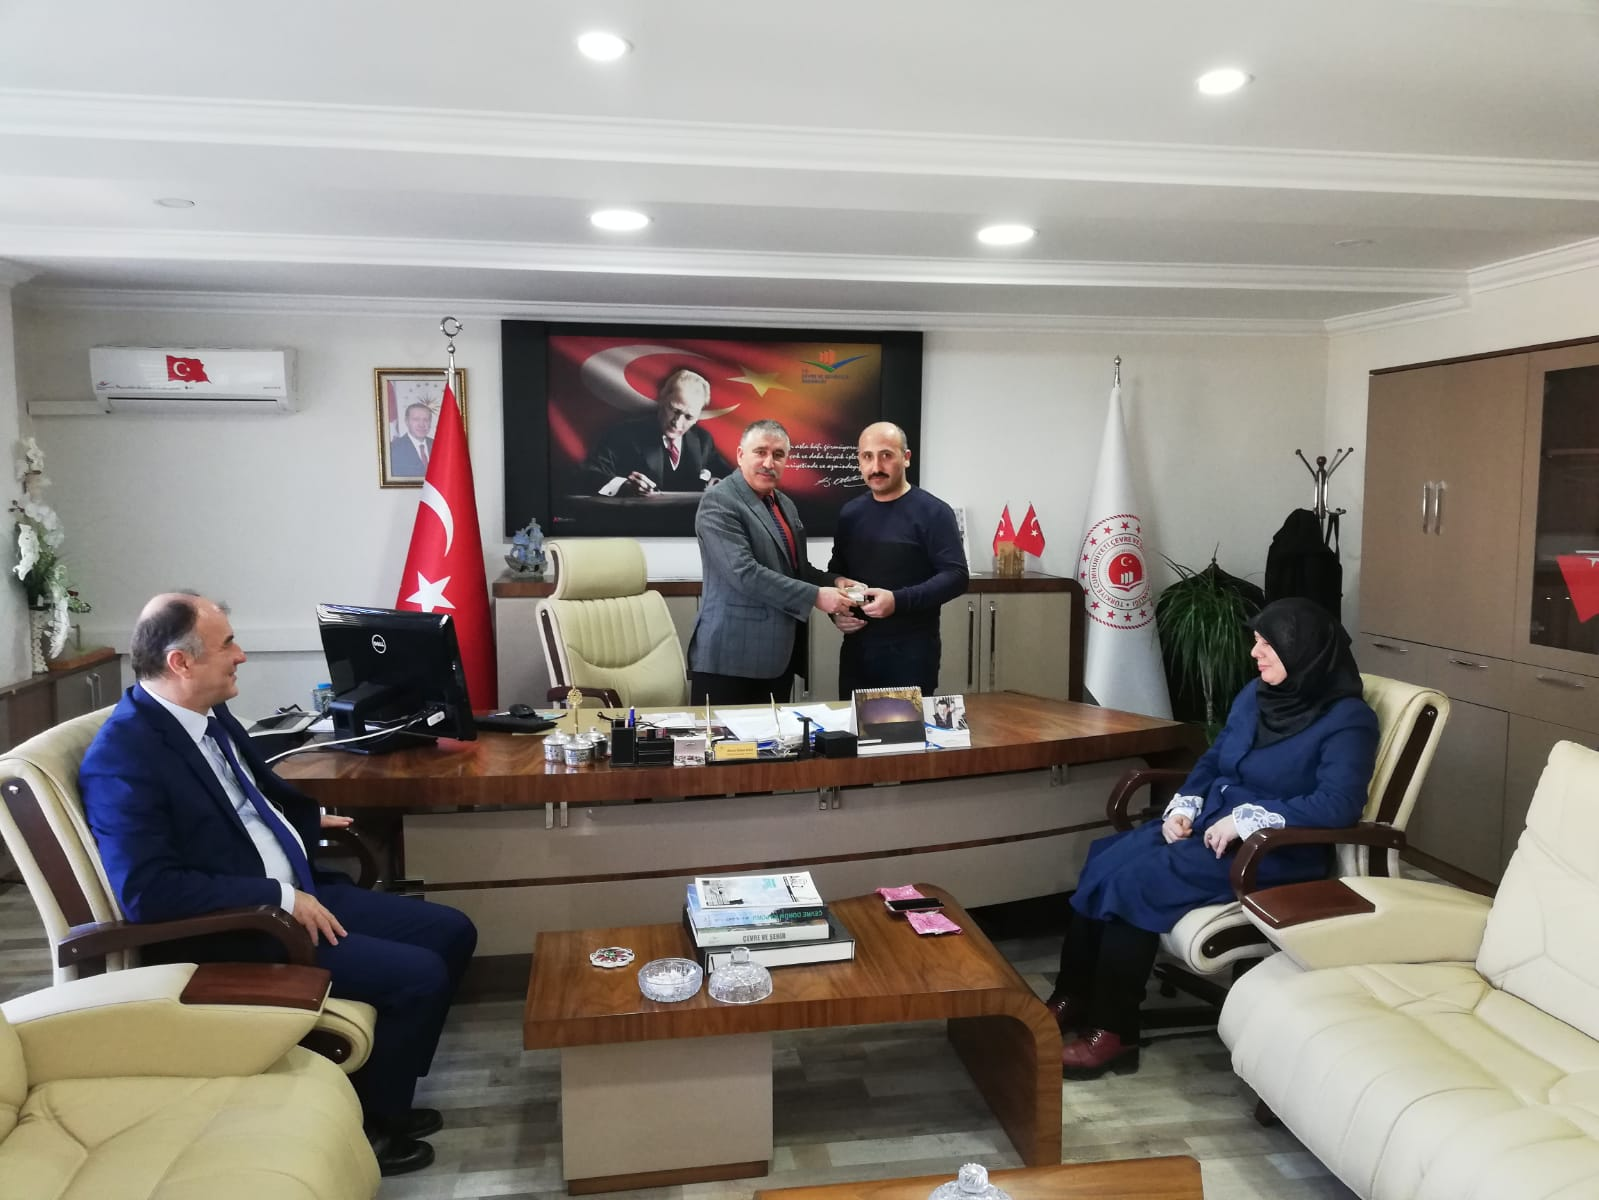 Müdürlüğümüzde Görev Yapan Ve Yeni Çocuk Sahibi Olan Personellerimize Hediyeleri İl Müdürümüz Ahmet Özkan KAYA' Tarafından Verildi.